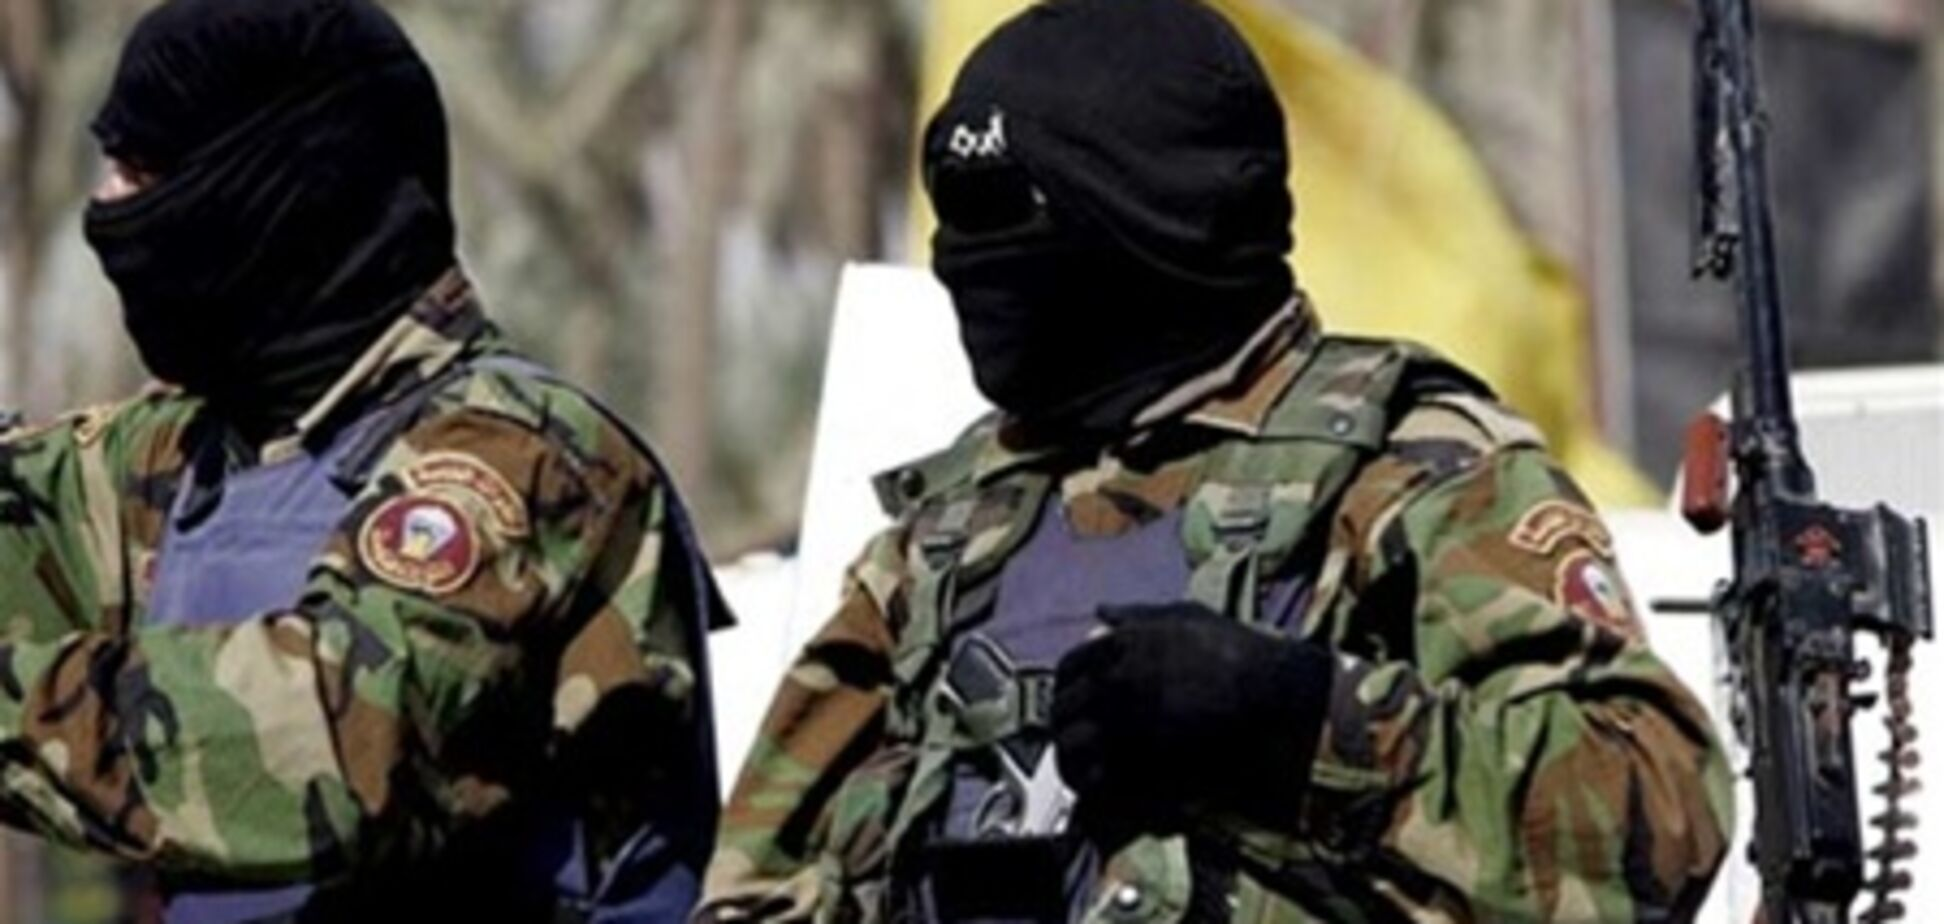 Ирак пообещал препятствовать поставкам оружия в Сирию из Ирана